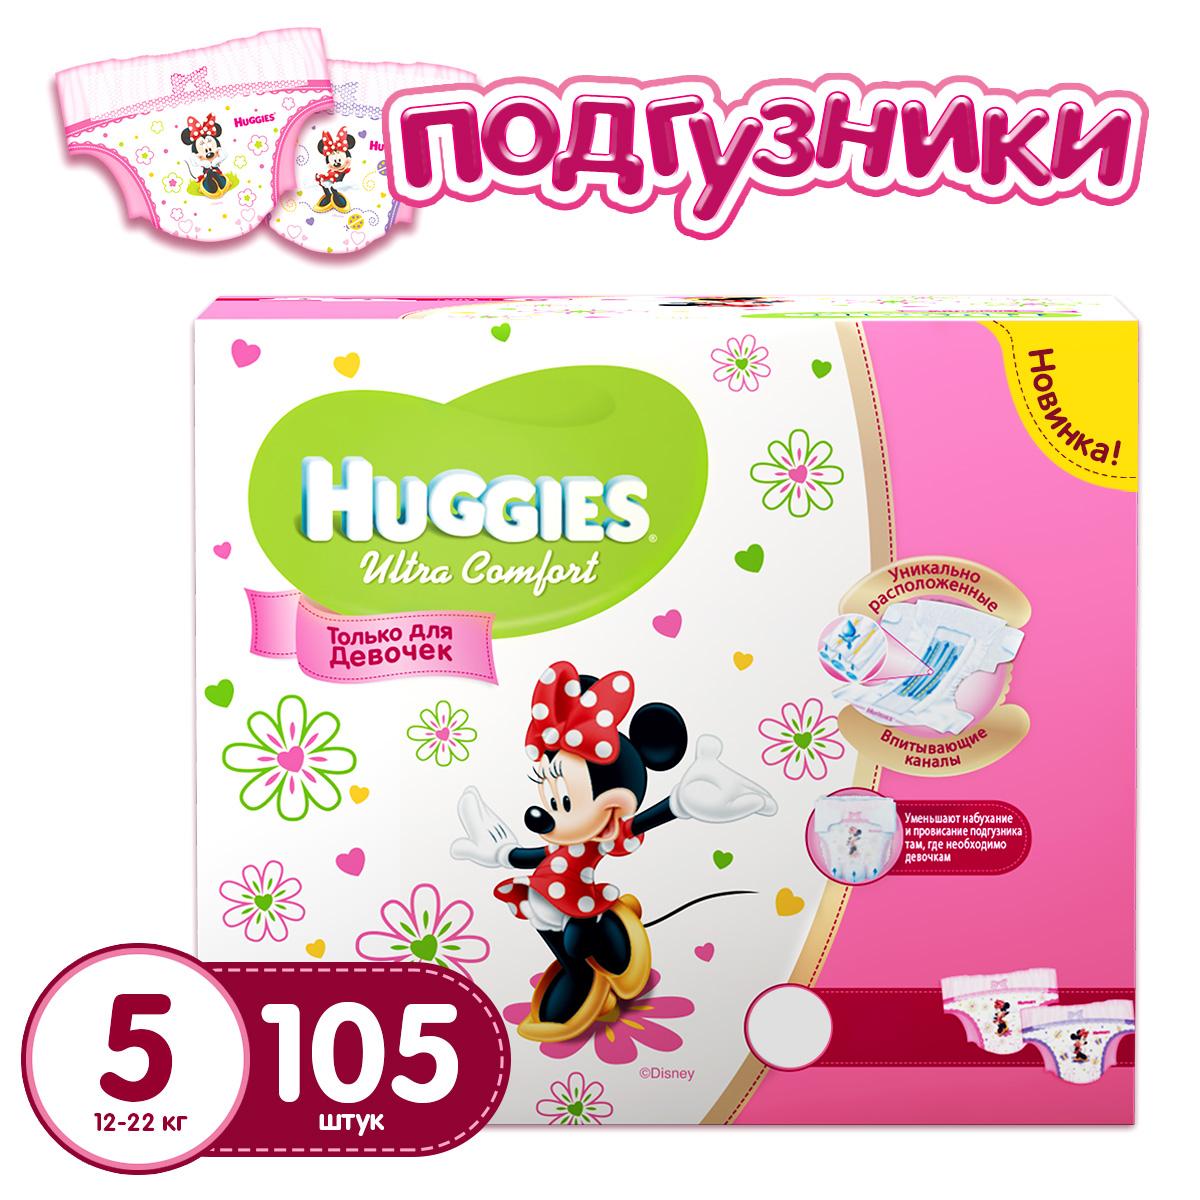 Подгузники Huggies Ultra Comfort Disney для девочек 12-22 кг (105 шт) Размер 5<br>